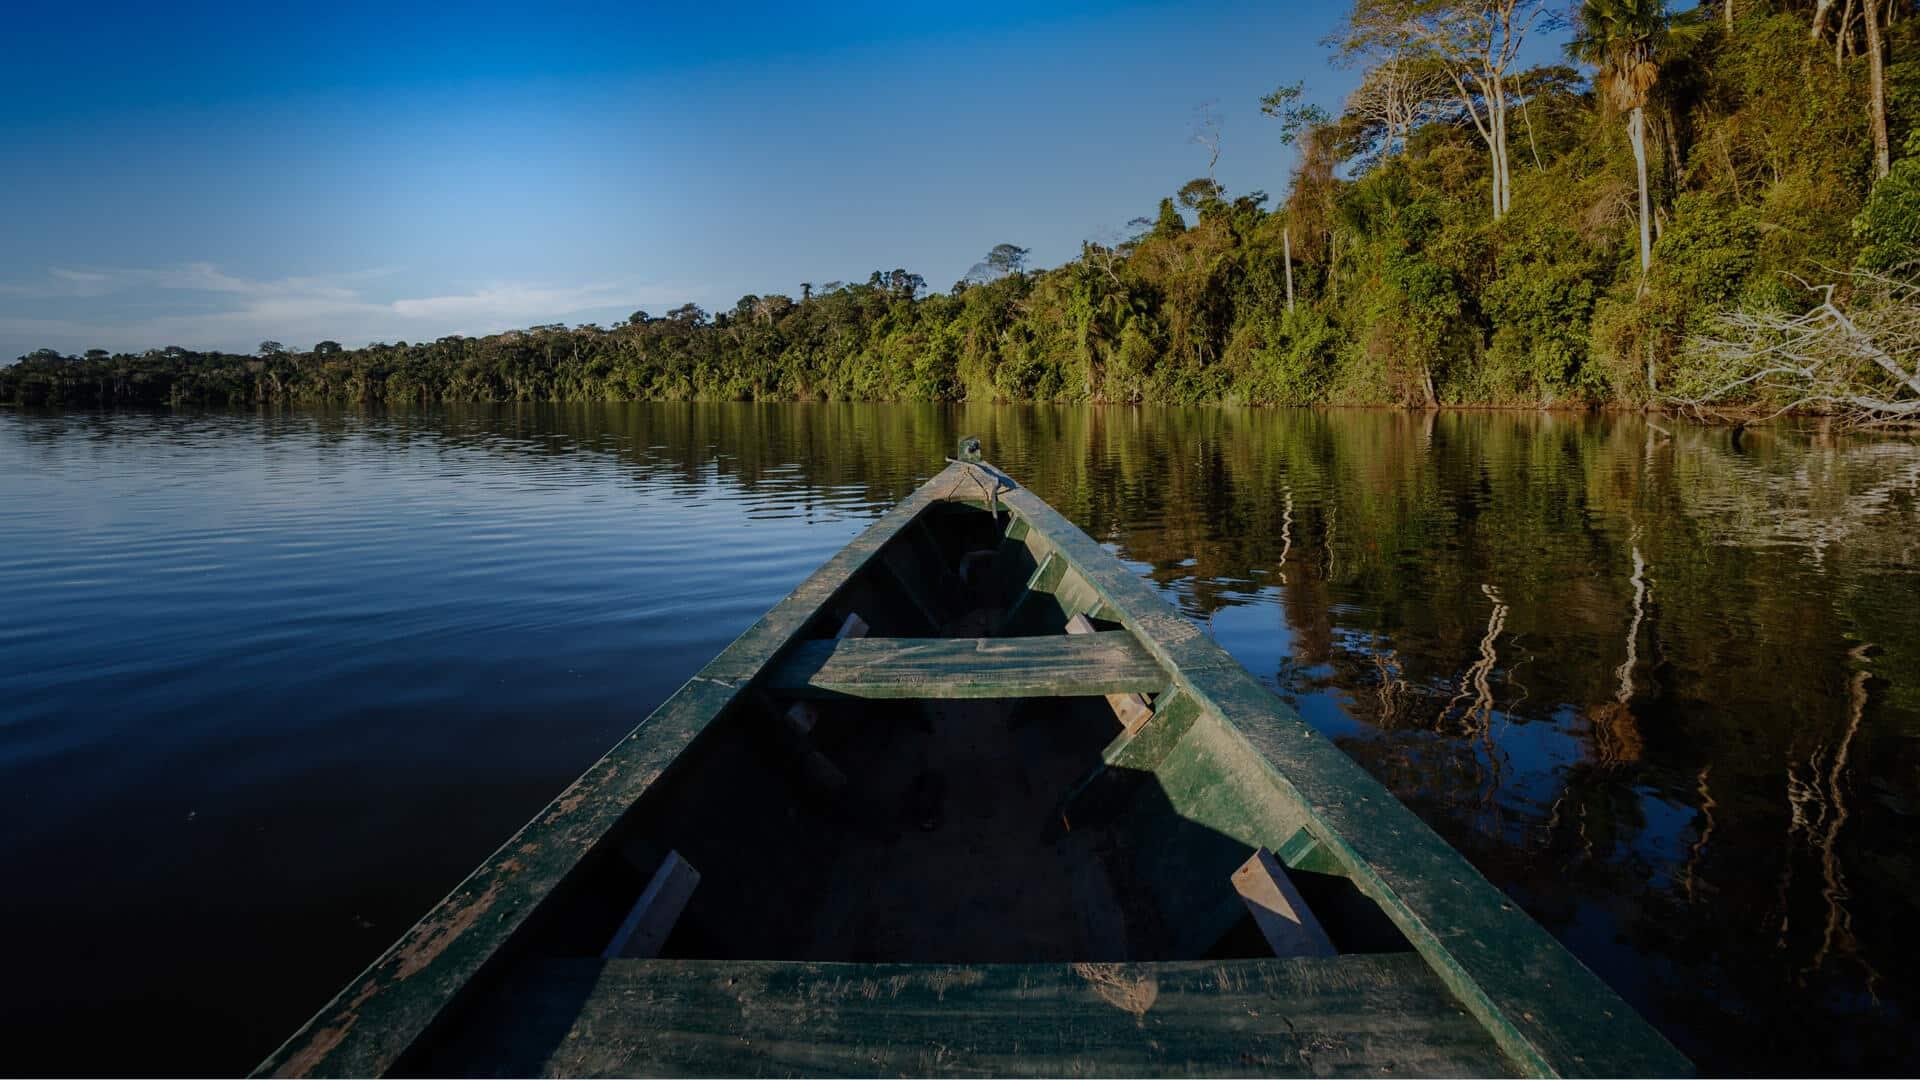 Curso de inglês e espanhol no Amazonas